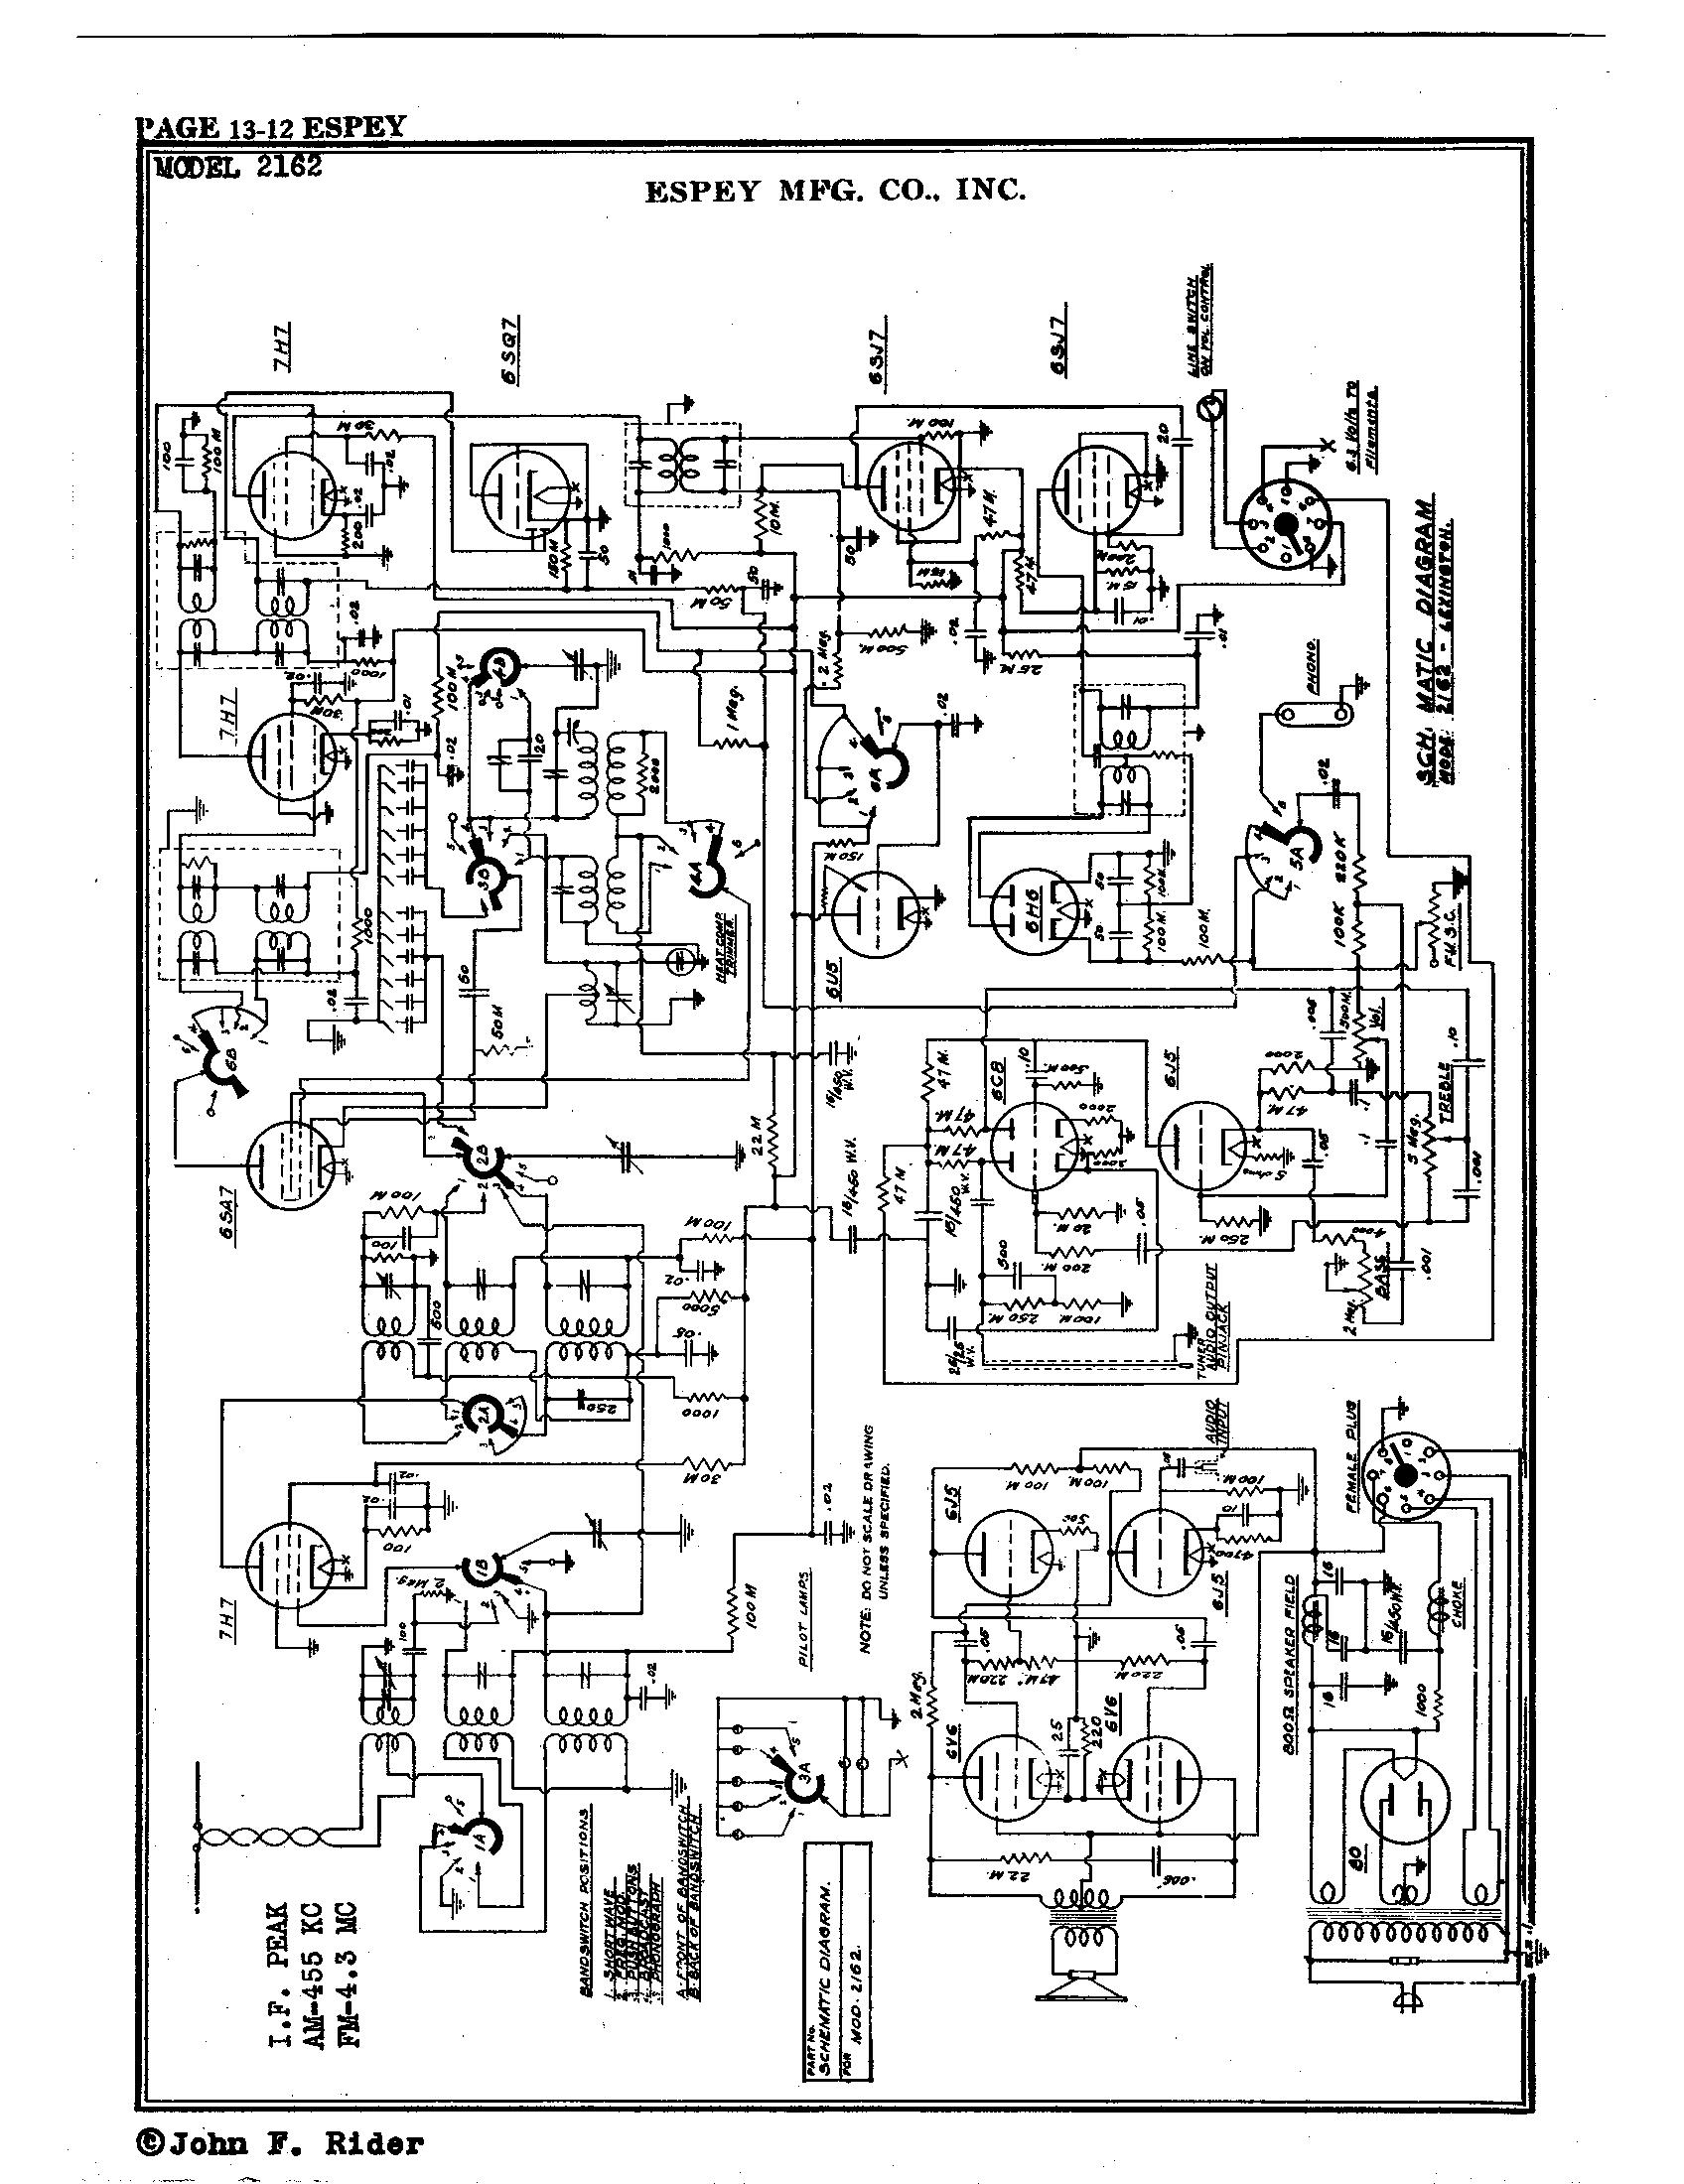 espey mfg  co   inc  2162